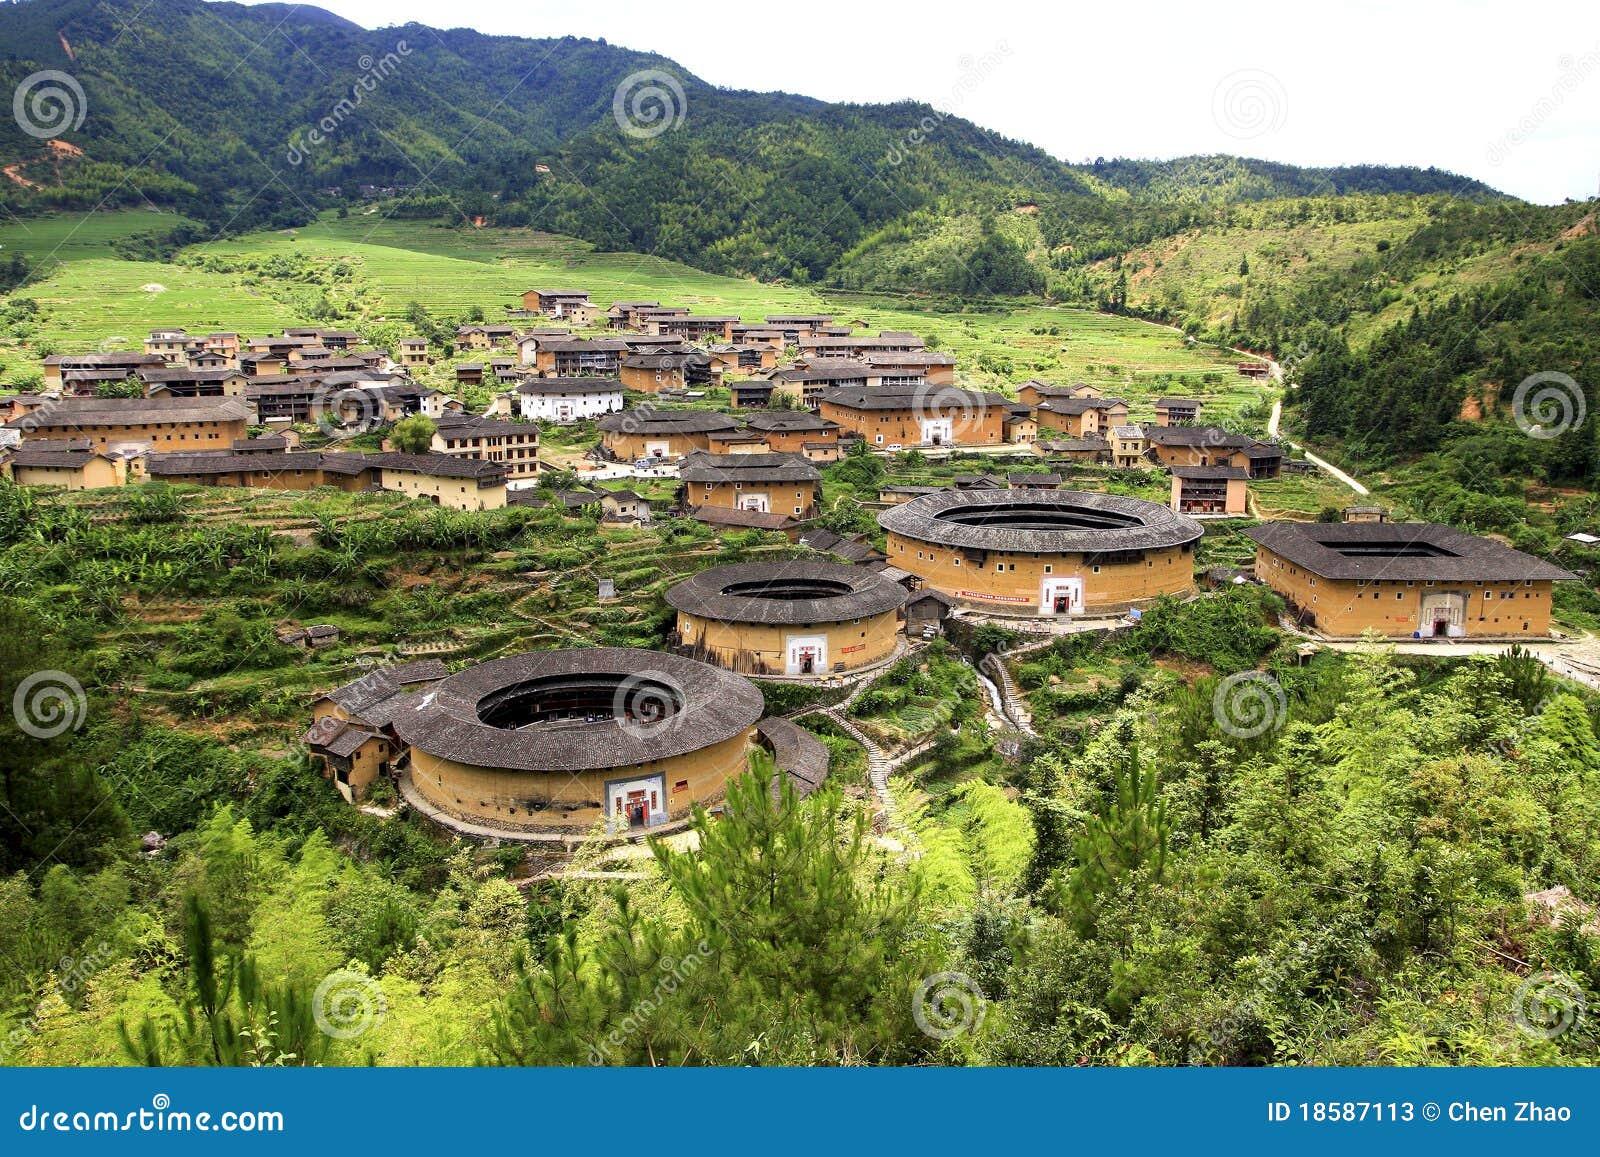 how to travel to fujian china from guangzhou